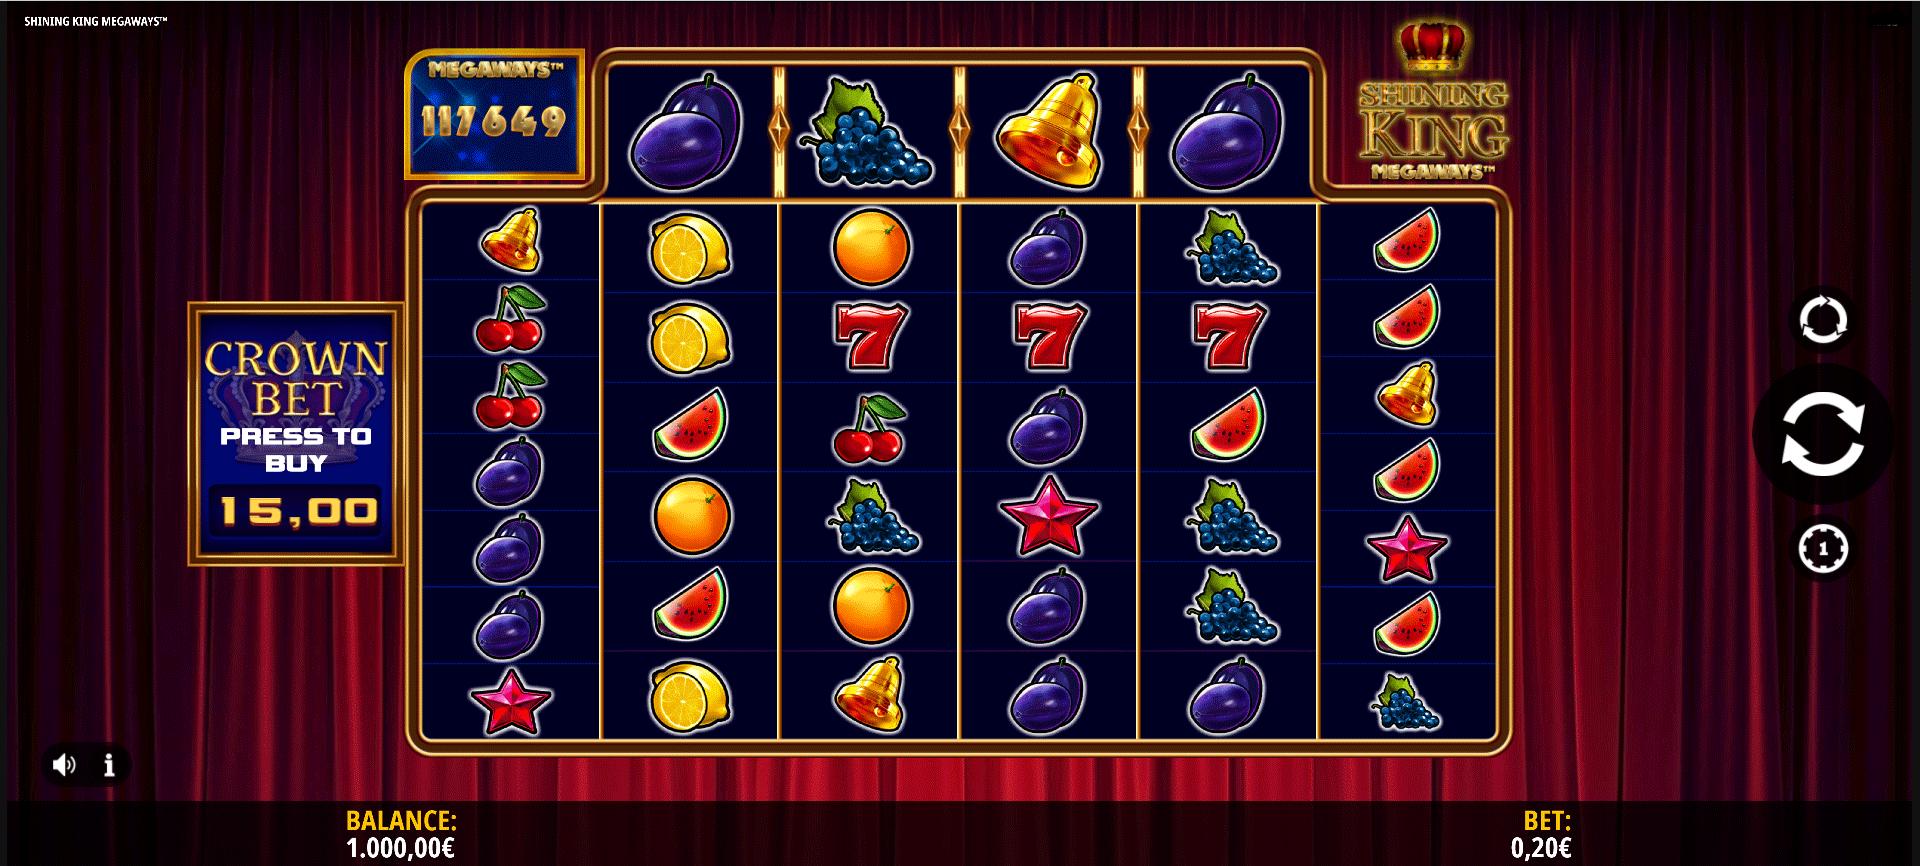 Slot Shining King Megaways